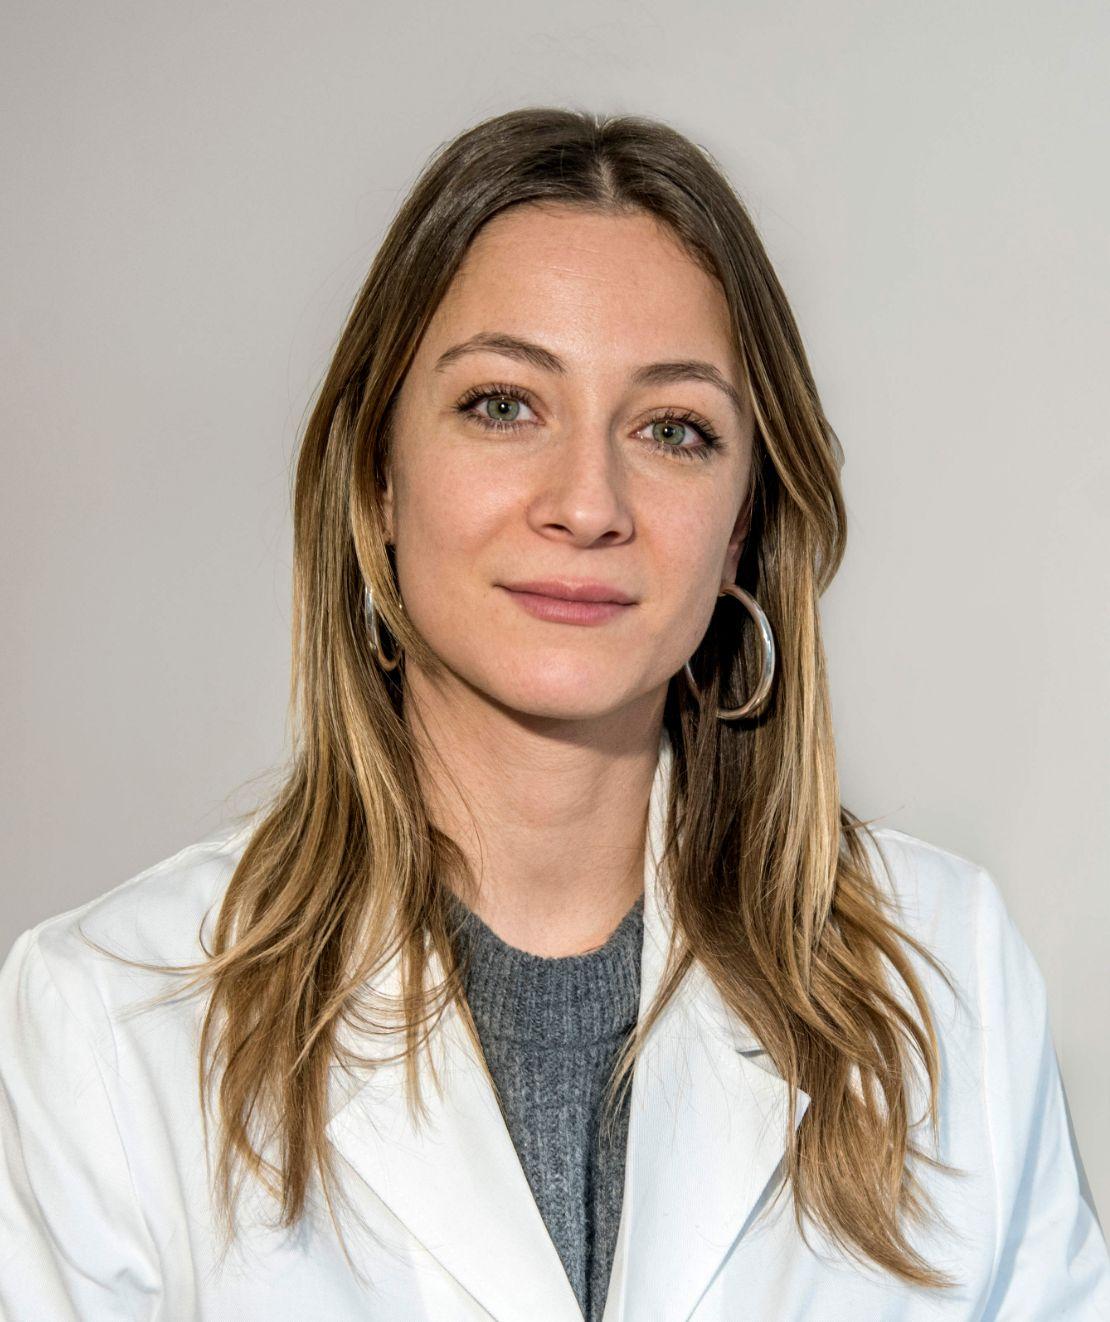 Lisa Mariotti